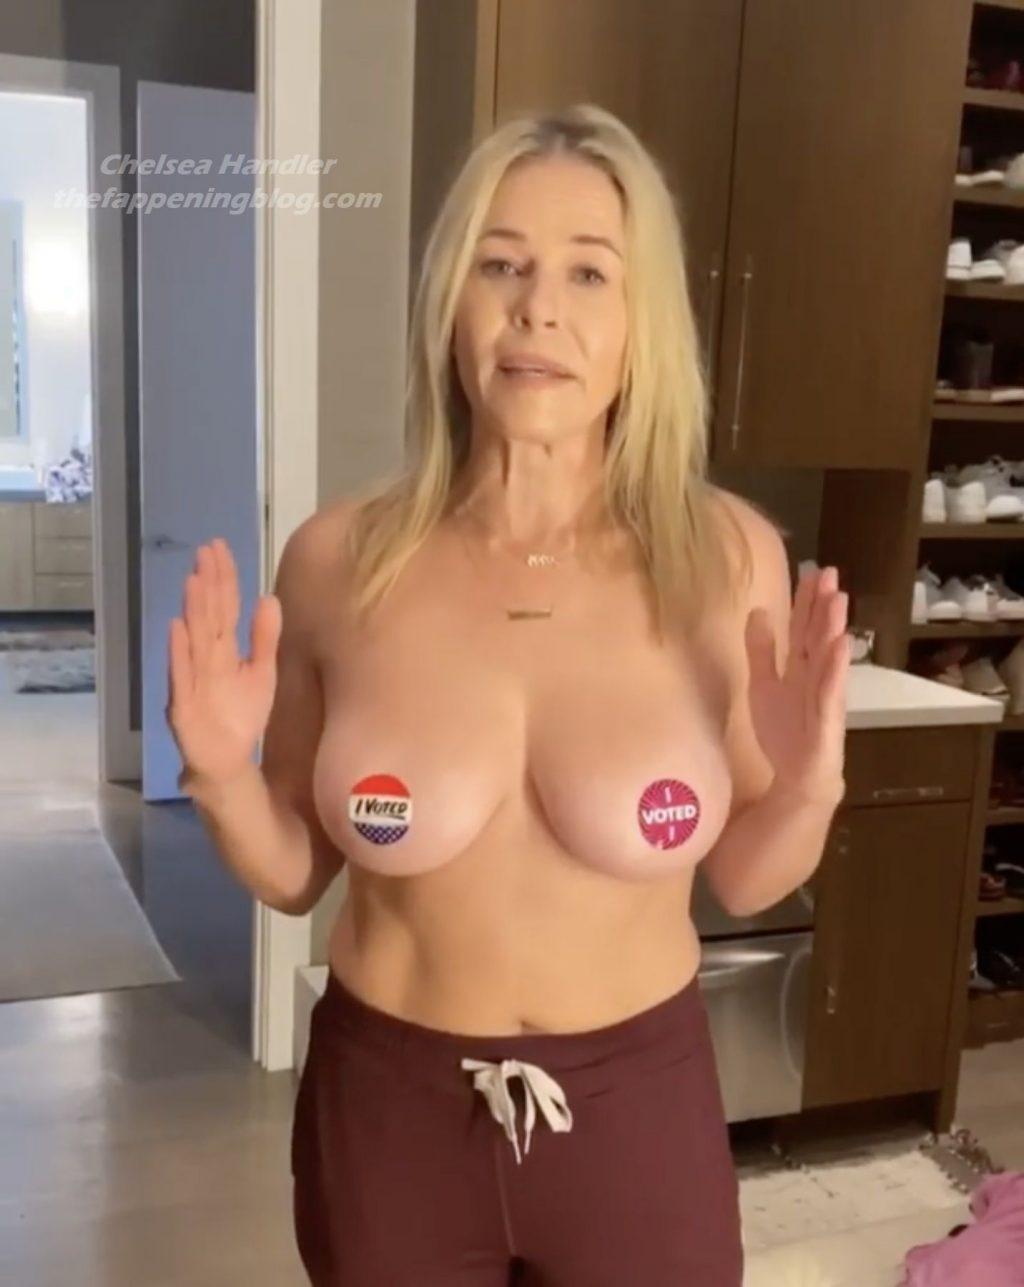 Chelsea Handler Topless (10 Pics + Video)